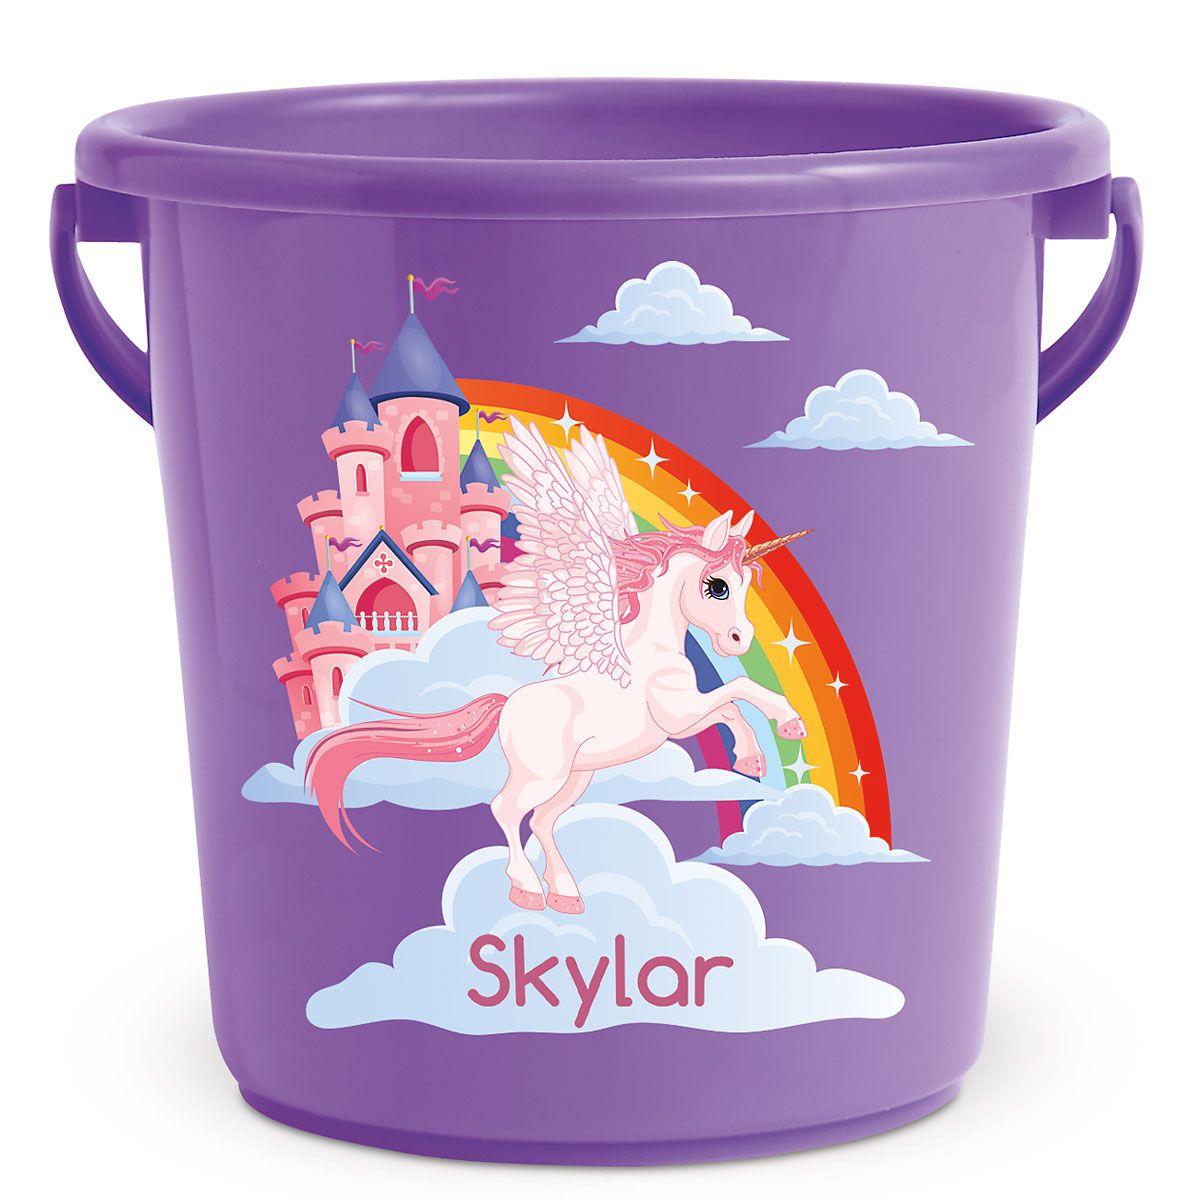 Personalized Kids Beach Bucket - Unicorn